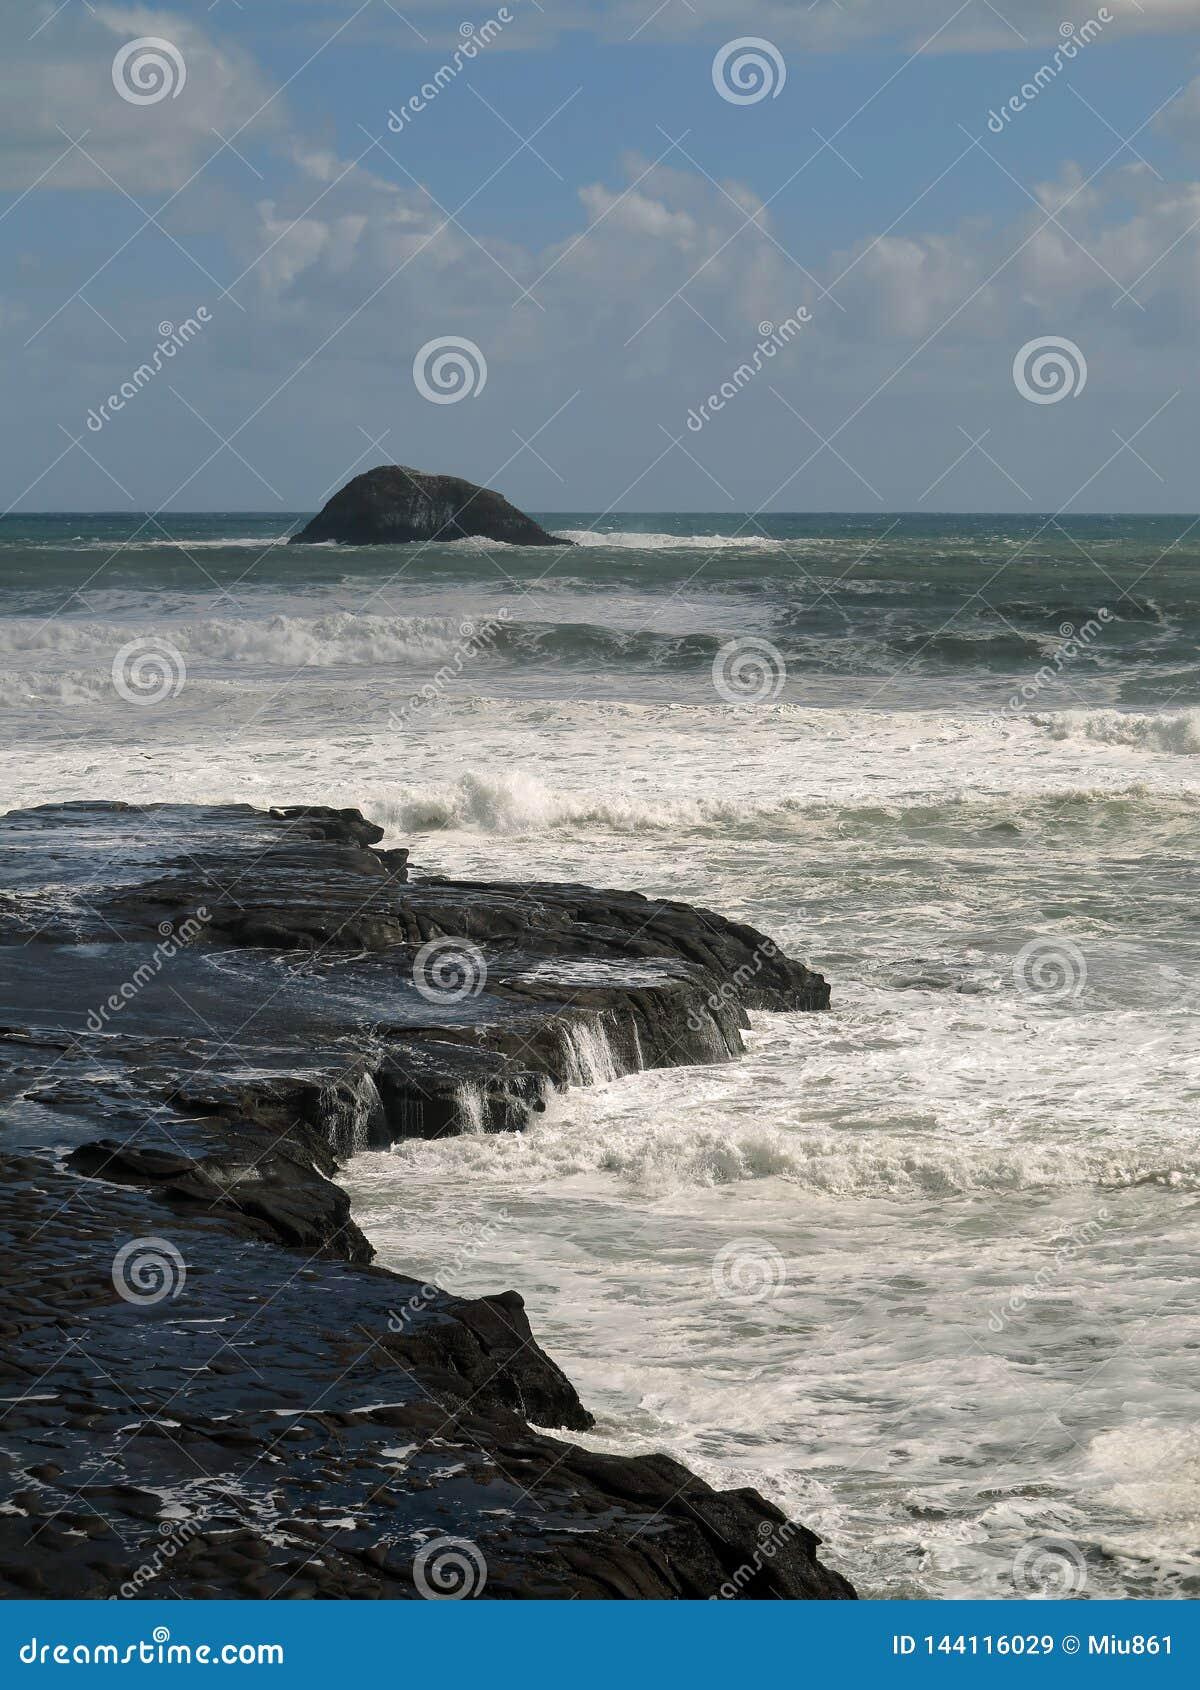 Meereswoge, der auf schwarzen Rocky Shore zusammenstößt Rocky Seacoast mit schäumenden Meereswogen